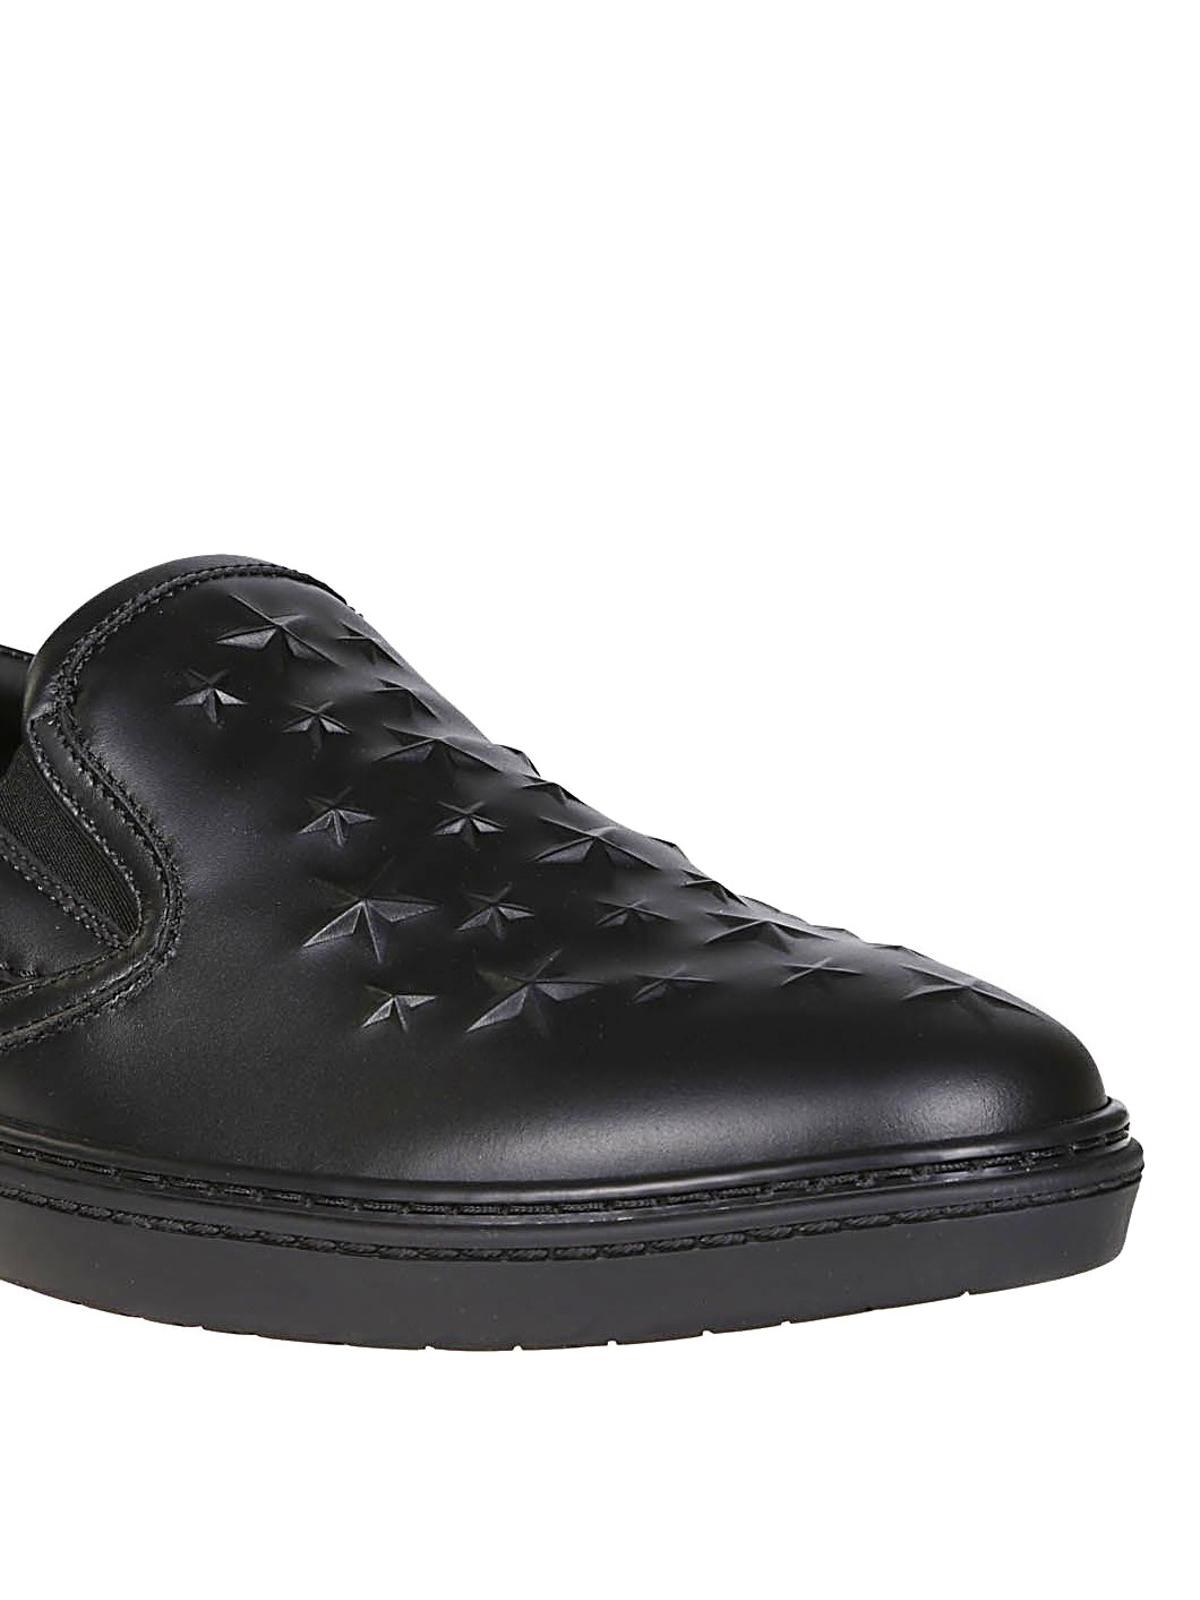 Jimmy Choo - Grove black leather slip